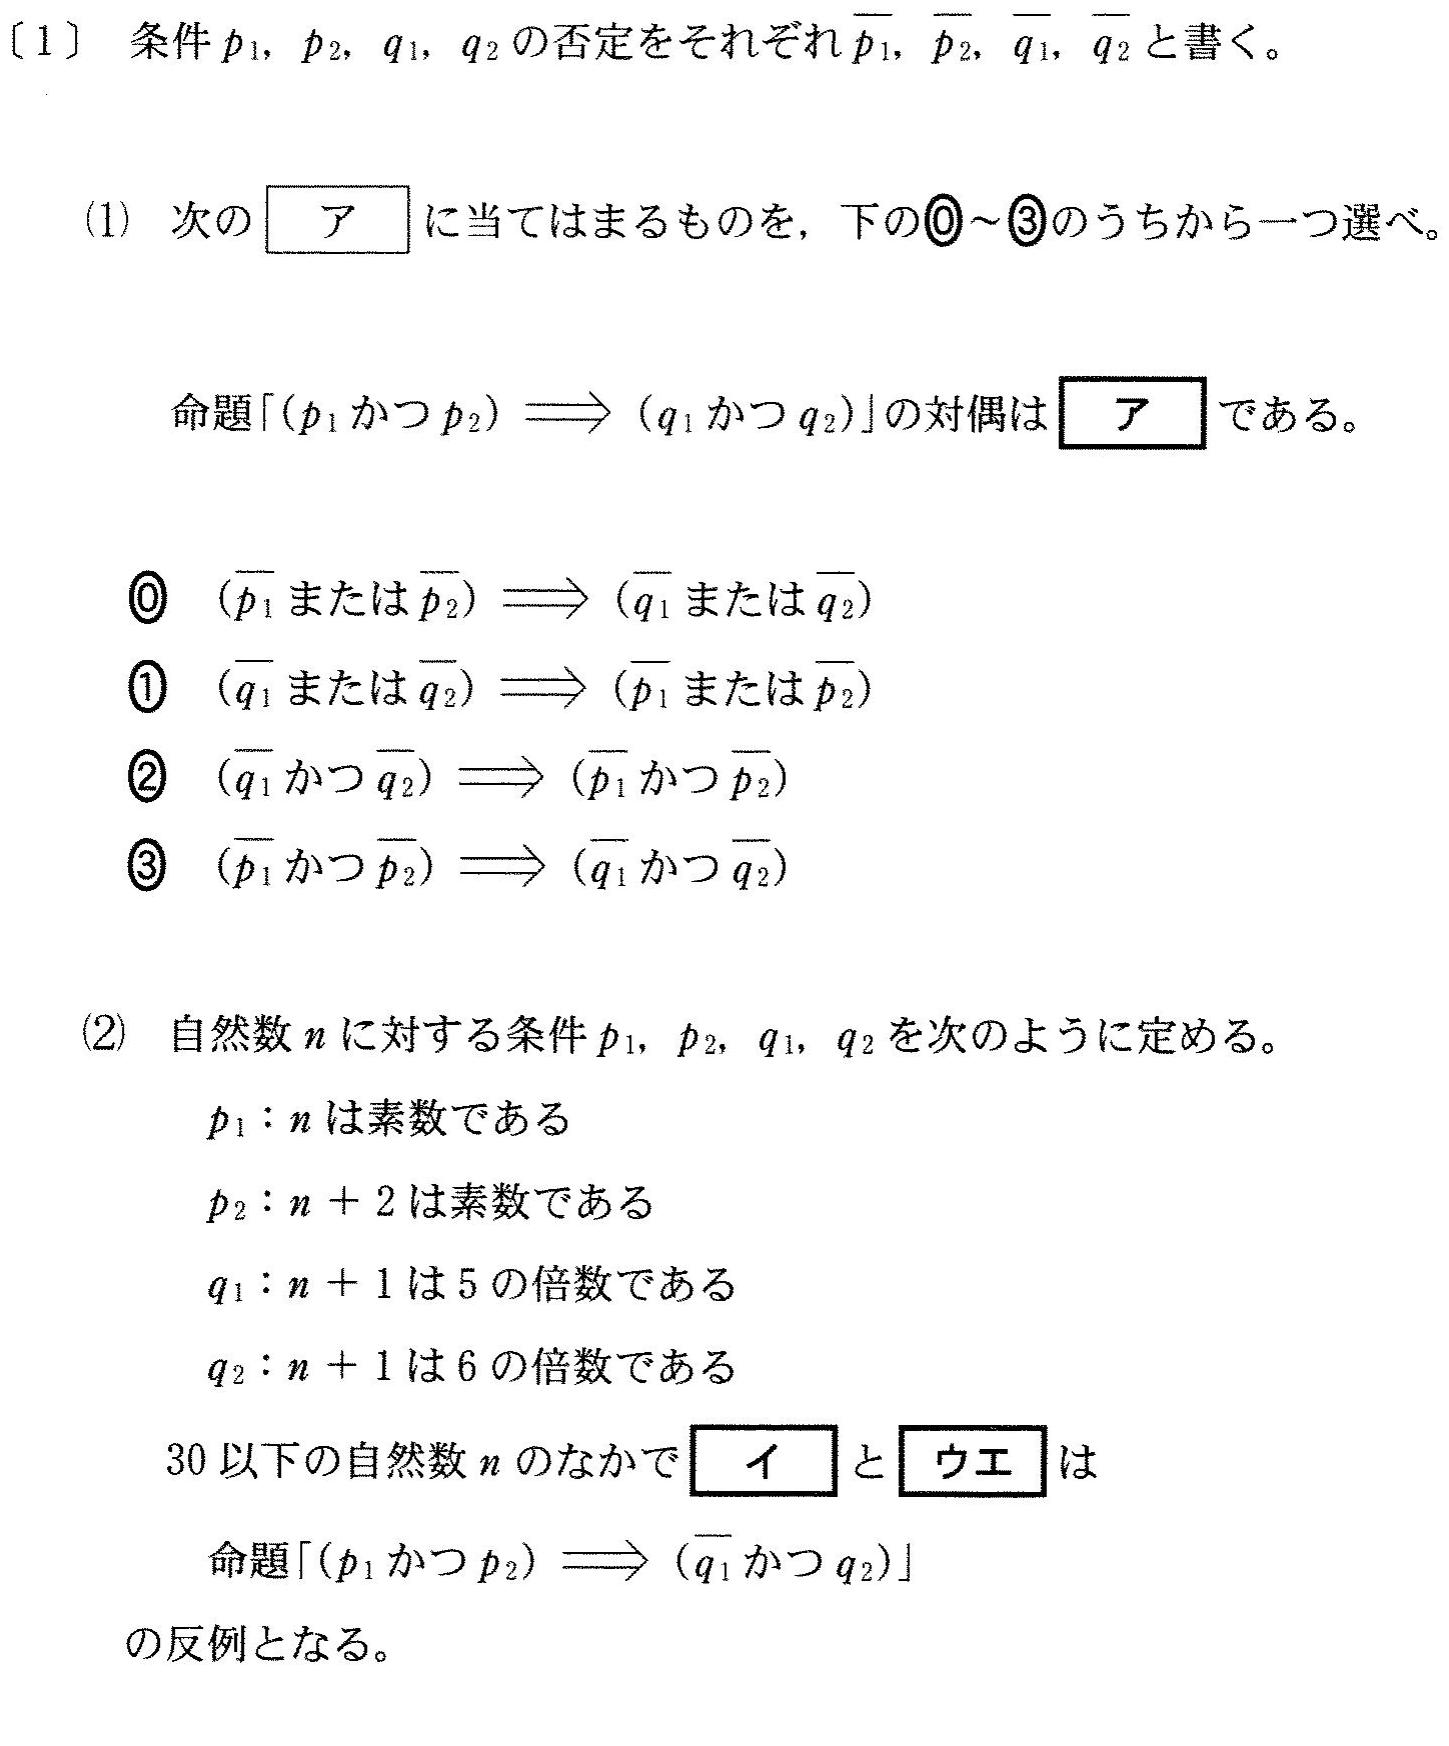 問題1A2-1